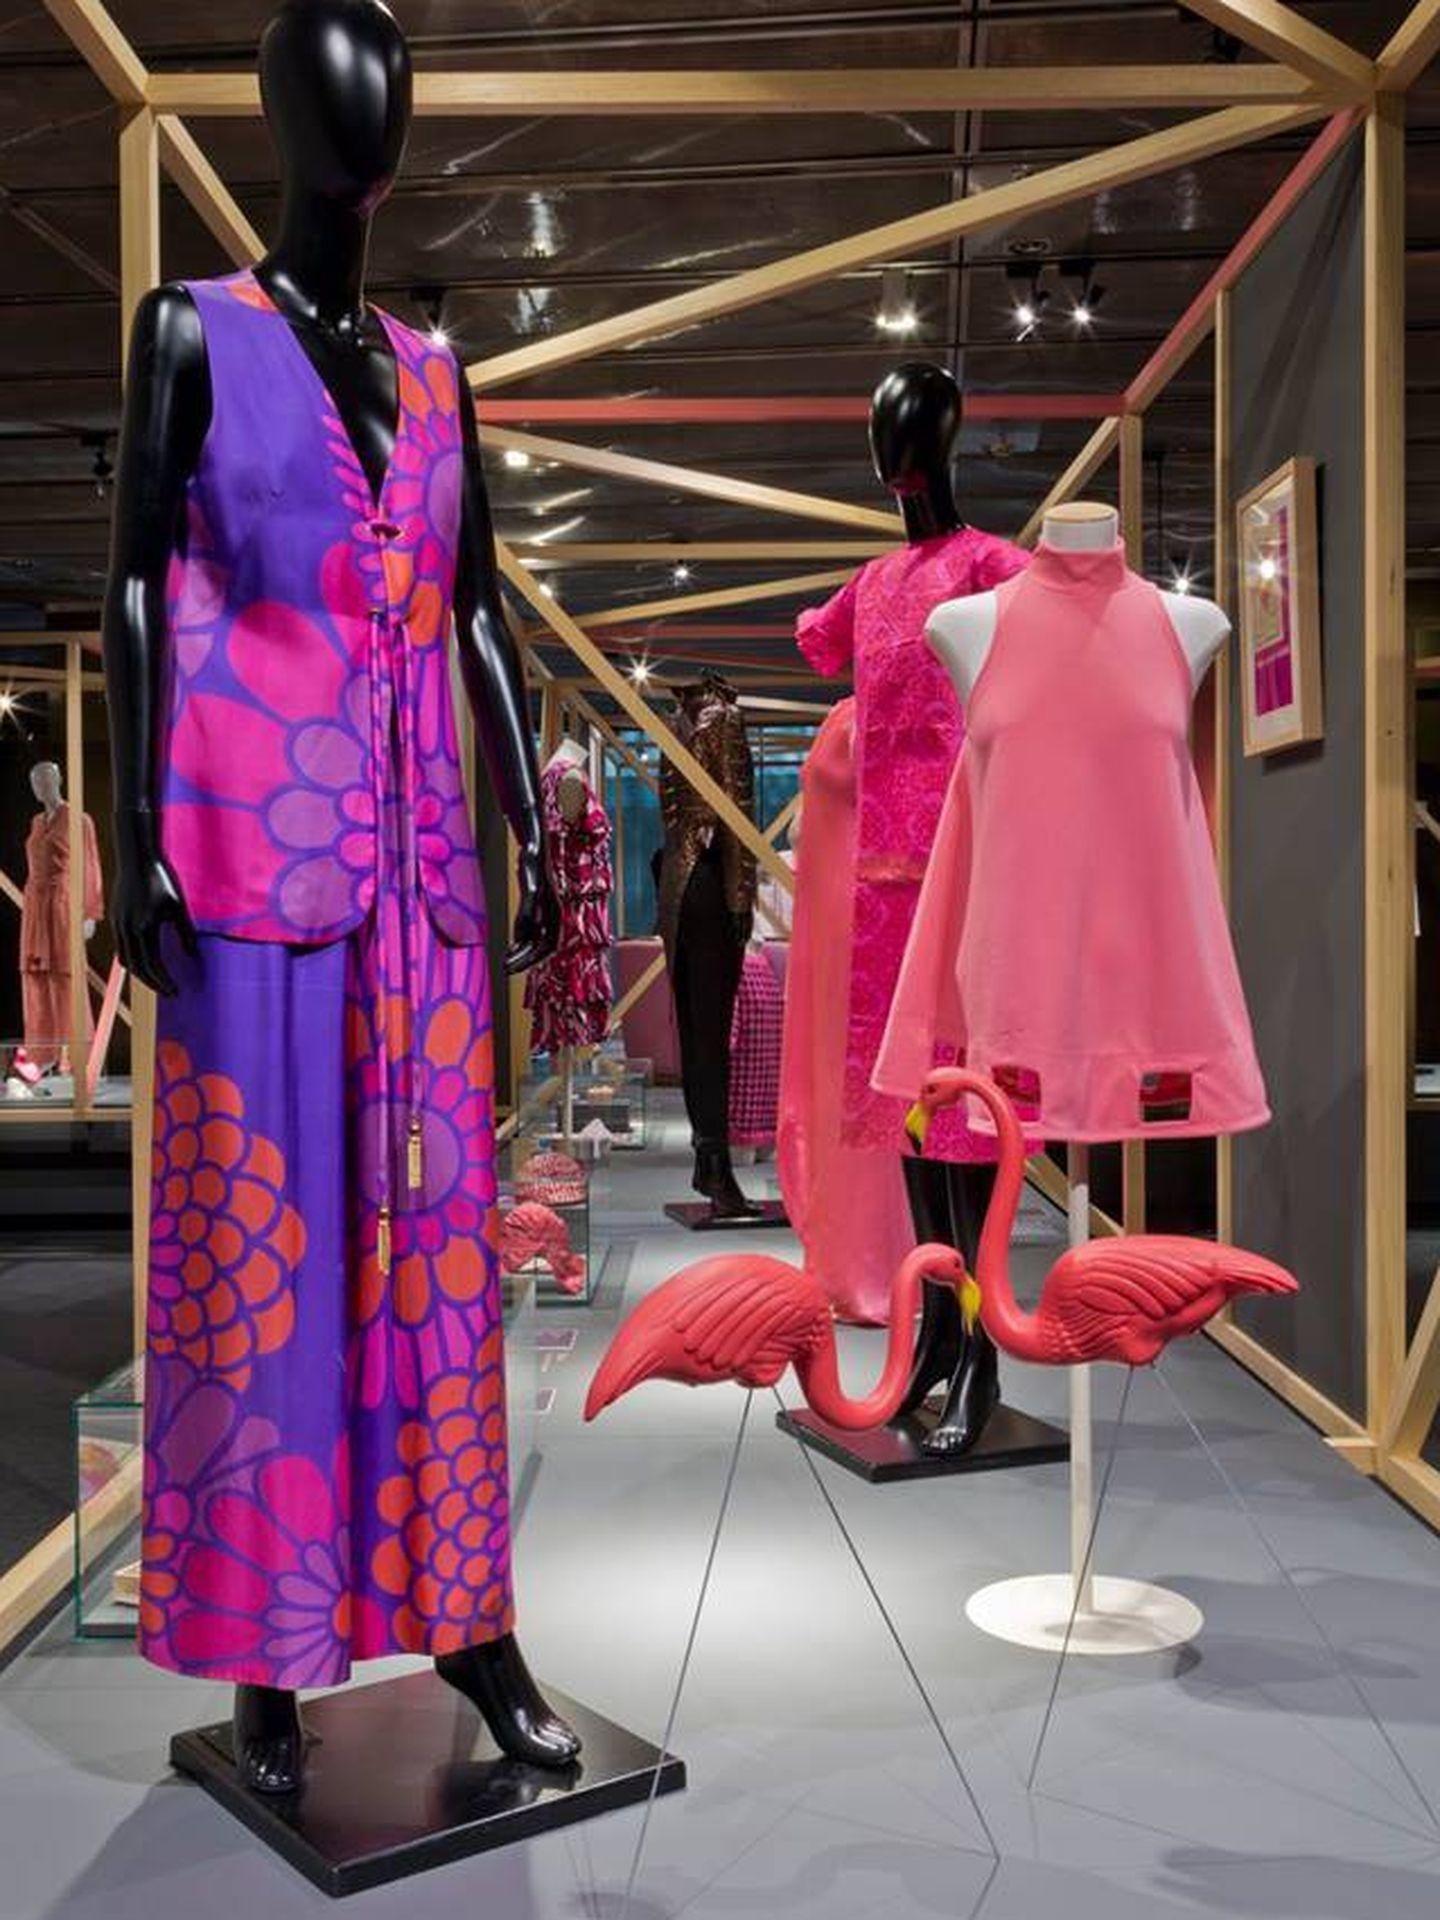 No solo moda, esta muestra también recoge elementos decorativos en rosa.  (Cortesía)